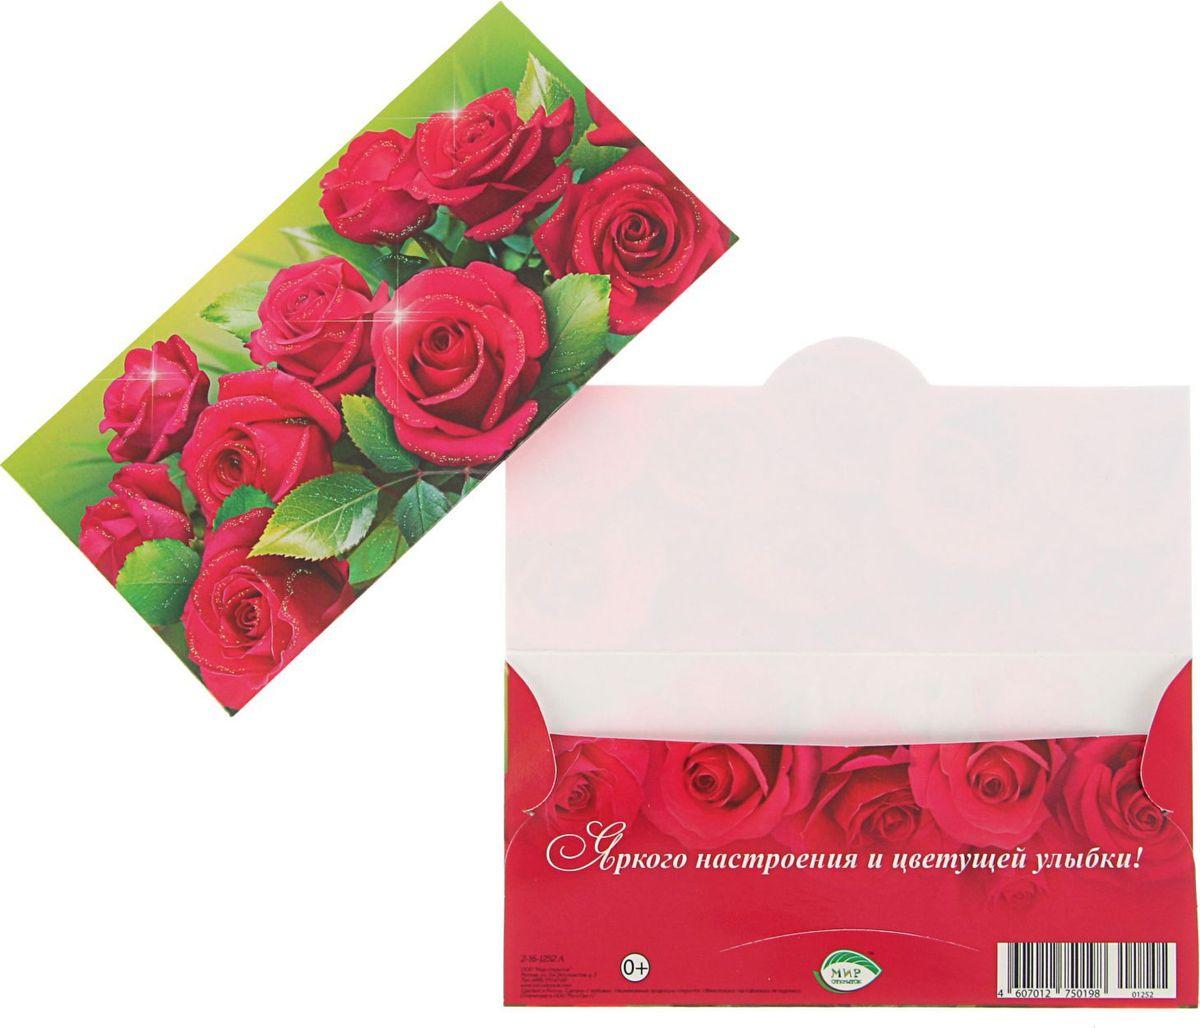 Конверт для денег Мир открыток Универсальный. Красные розы, зеленый фон, 16,4 х 8,4 см2252346Невозможно представить нашу жизнь без праздников! Мы всегда ждём их и предвкушаем, обдумываем, как проведём памятный день, тщательно выбираем подарки и аксессуары, ведь именно они создают и поддерживают торжественный настрой. Этот конверт - отличный выбор, который привнесёт атмосферу праздника в ваш дом!